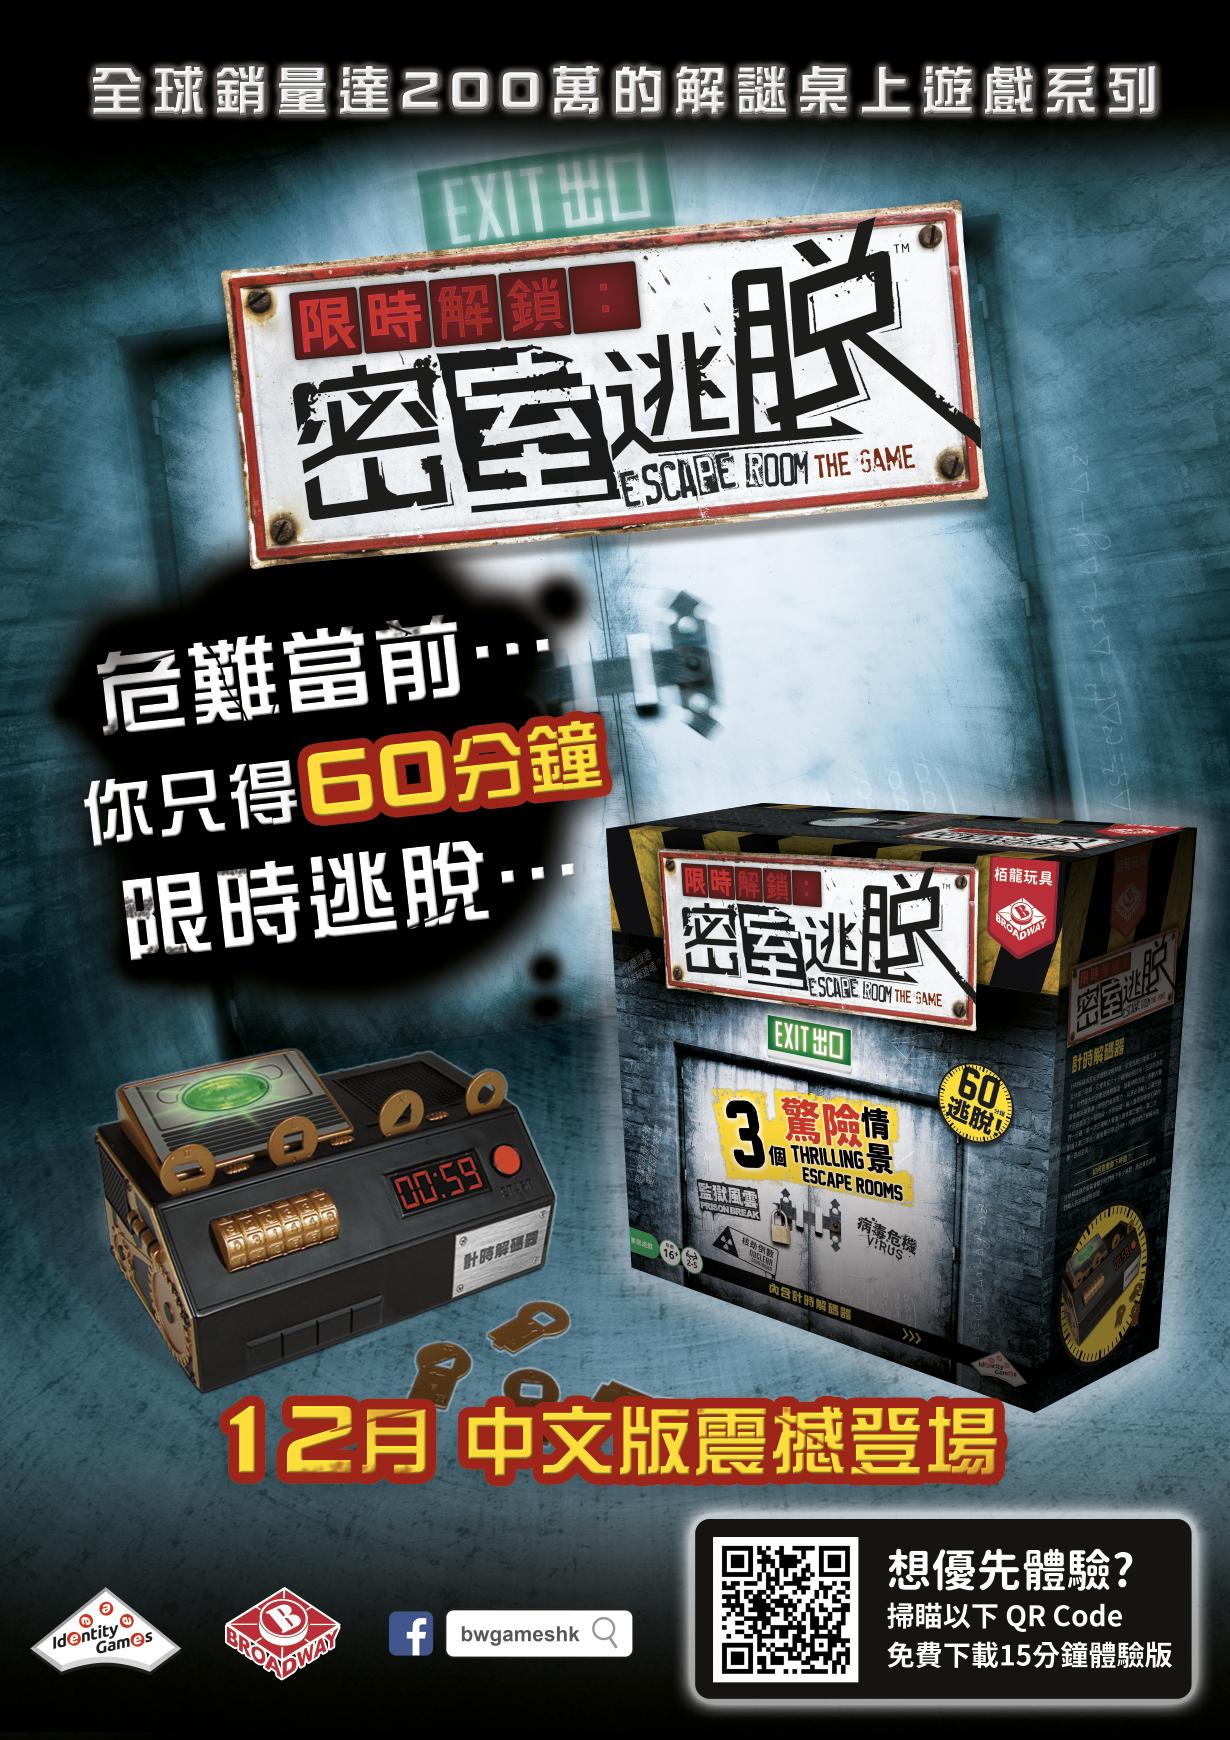 http://broadwaygames.com.hk/wp-content/uploads/2020/11/V2.png